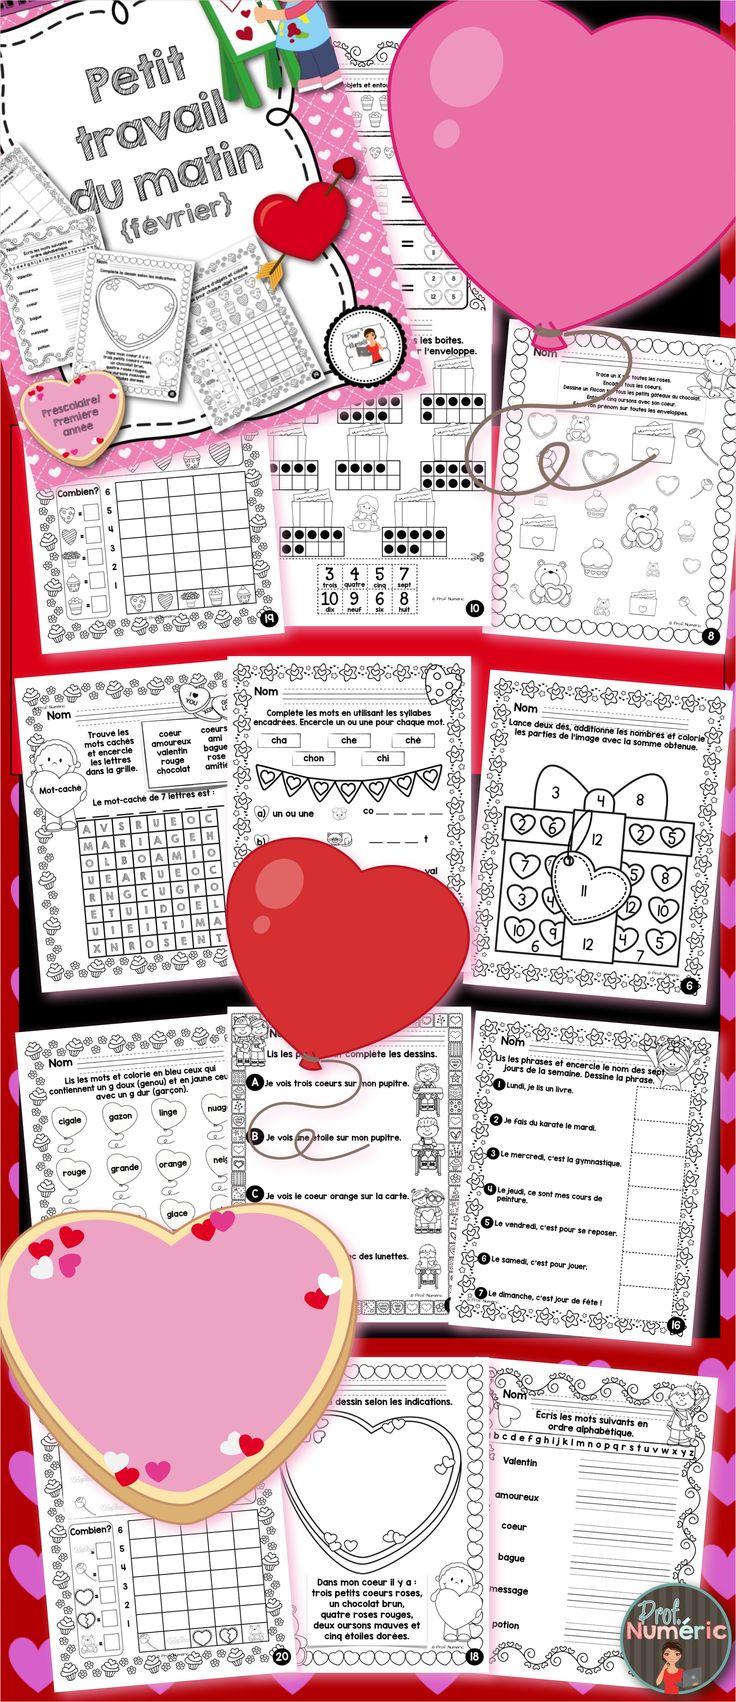 20 Pages d'exercices pour les élèves de 1ère année du primaire (kindergarden) ou du préscolaire. Les activités sont sur le thème de la St-Valentin.